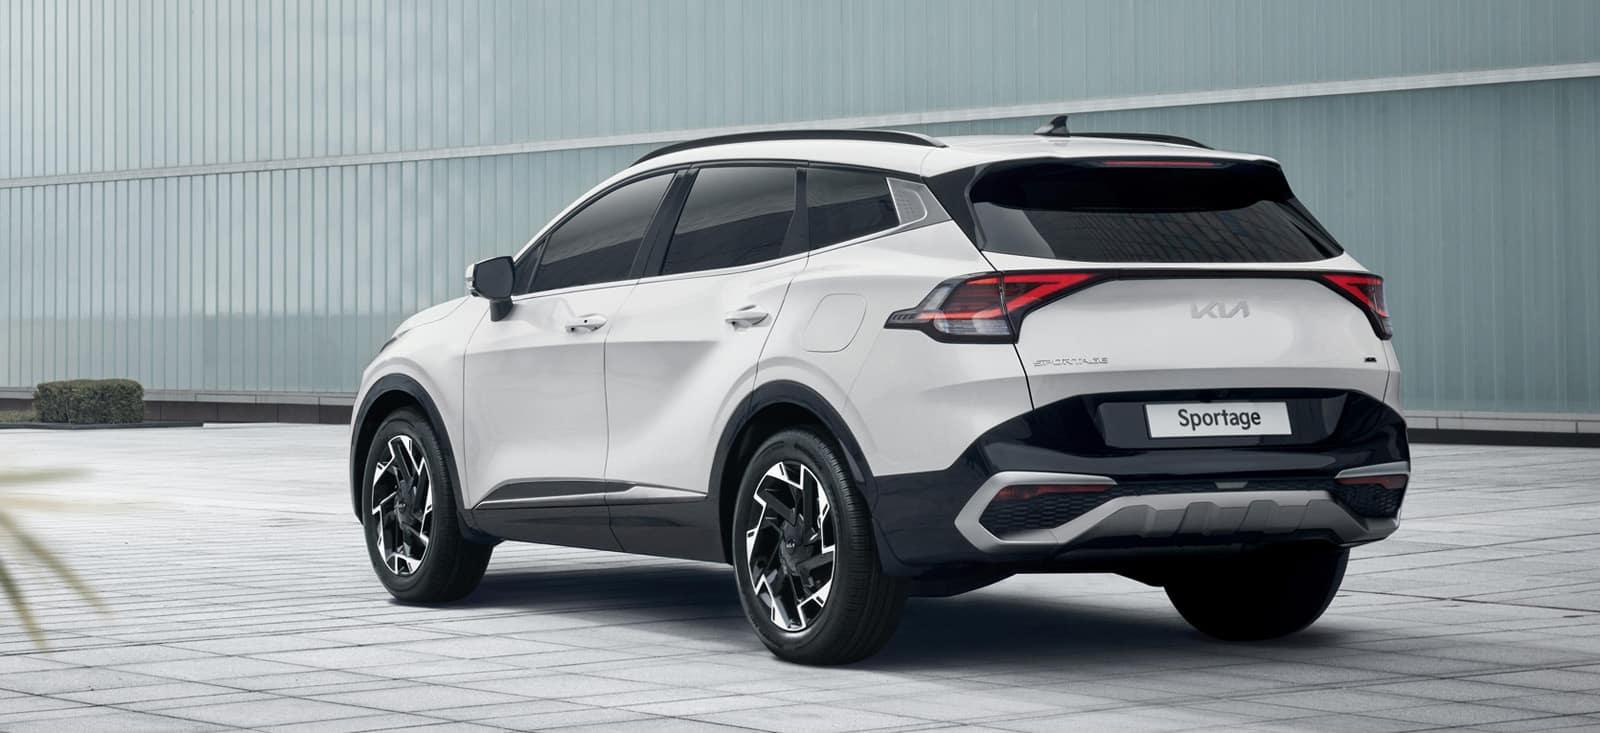 2023 Kia Sportage SUV